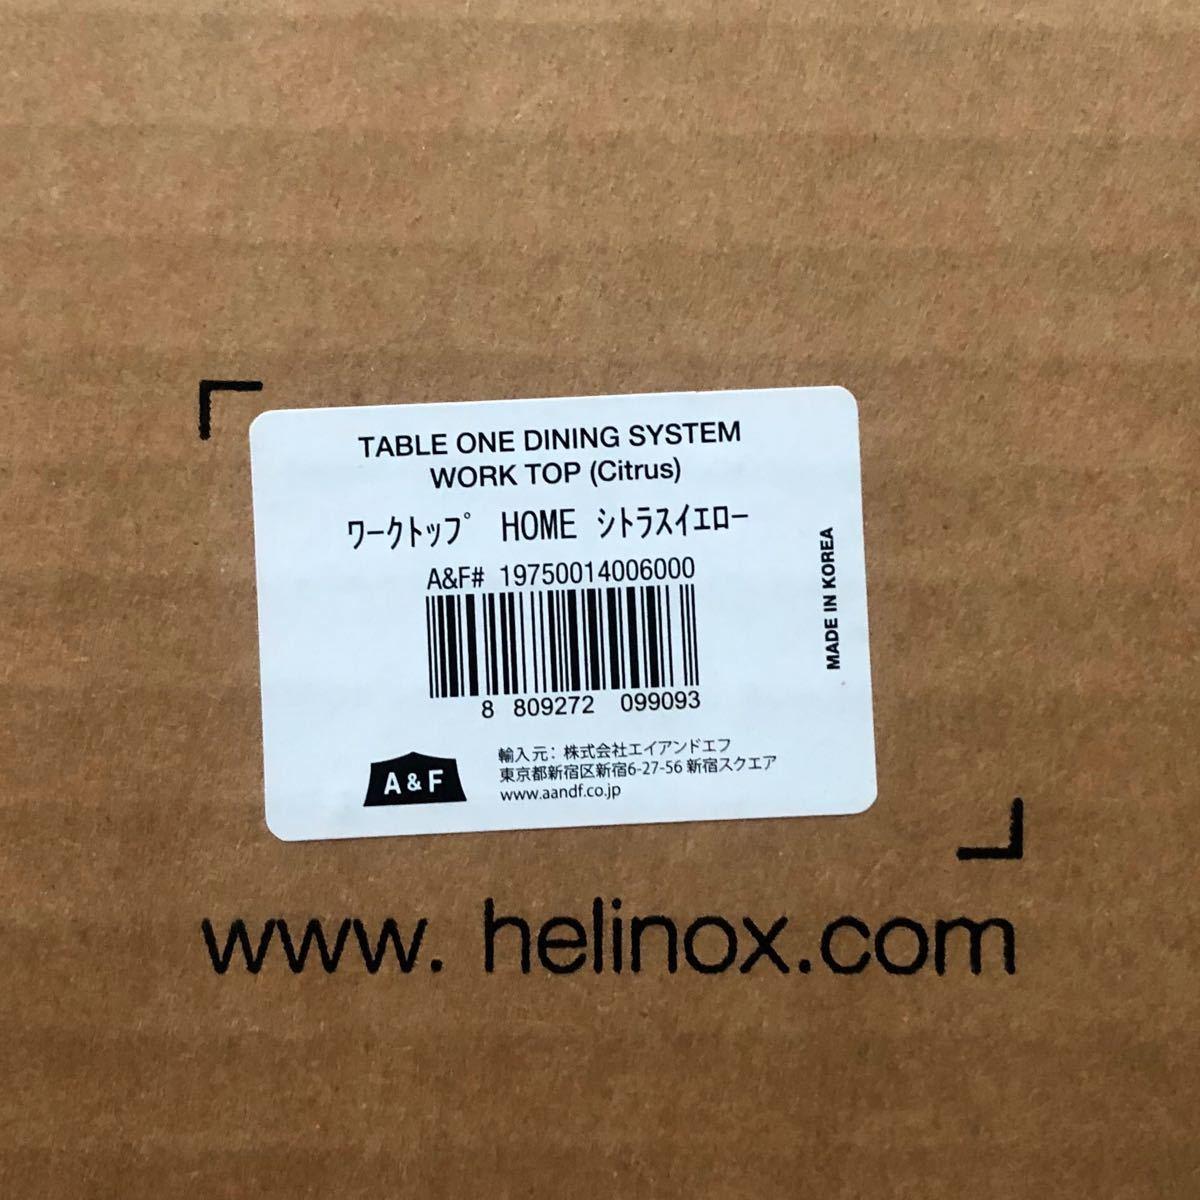 ヘリノックス タクティカルテーブル ワークトップ シトラスイエロー